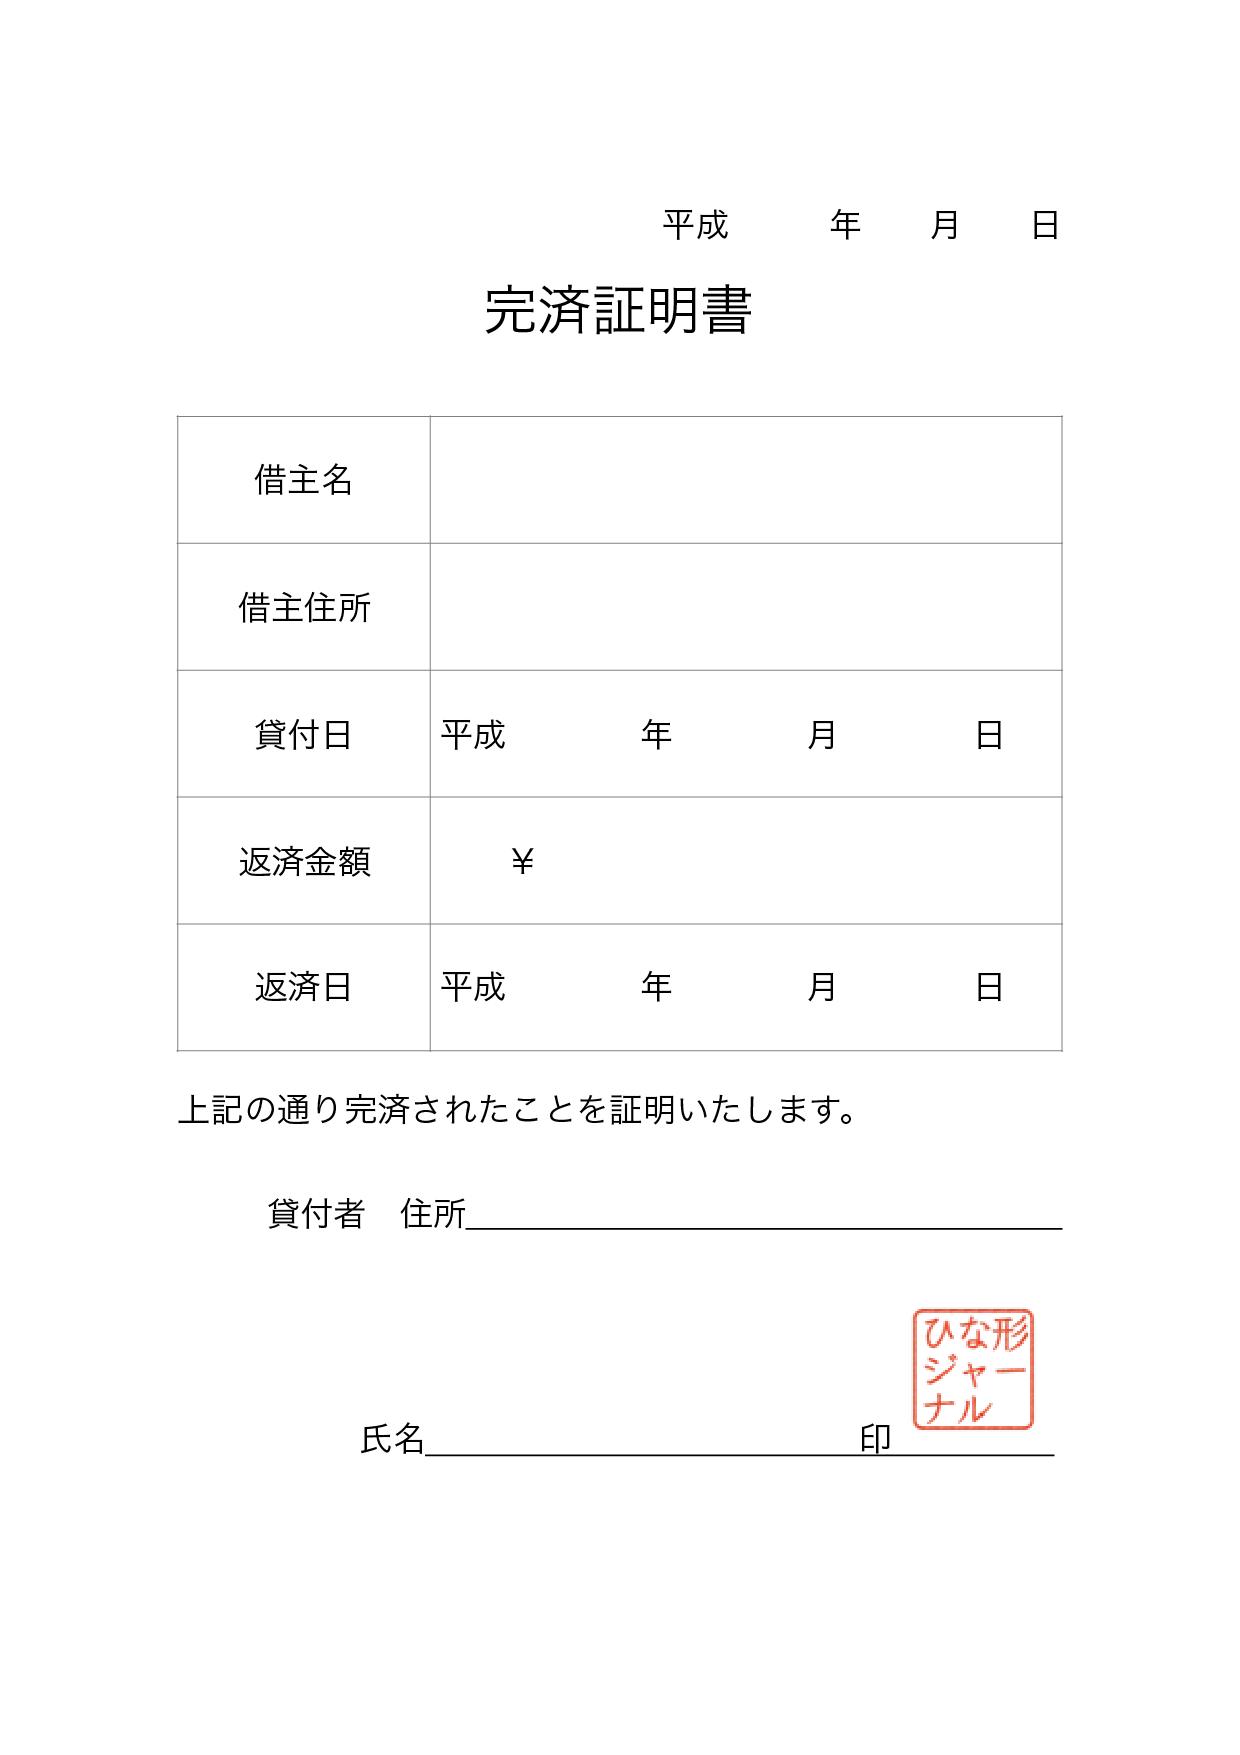 完済証明書 テンプレート_枠線あり(ワード・ページズ)